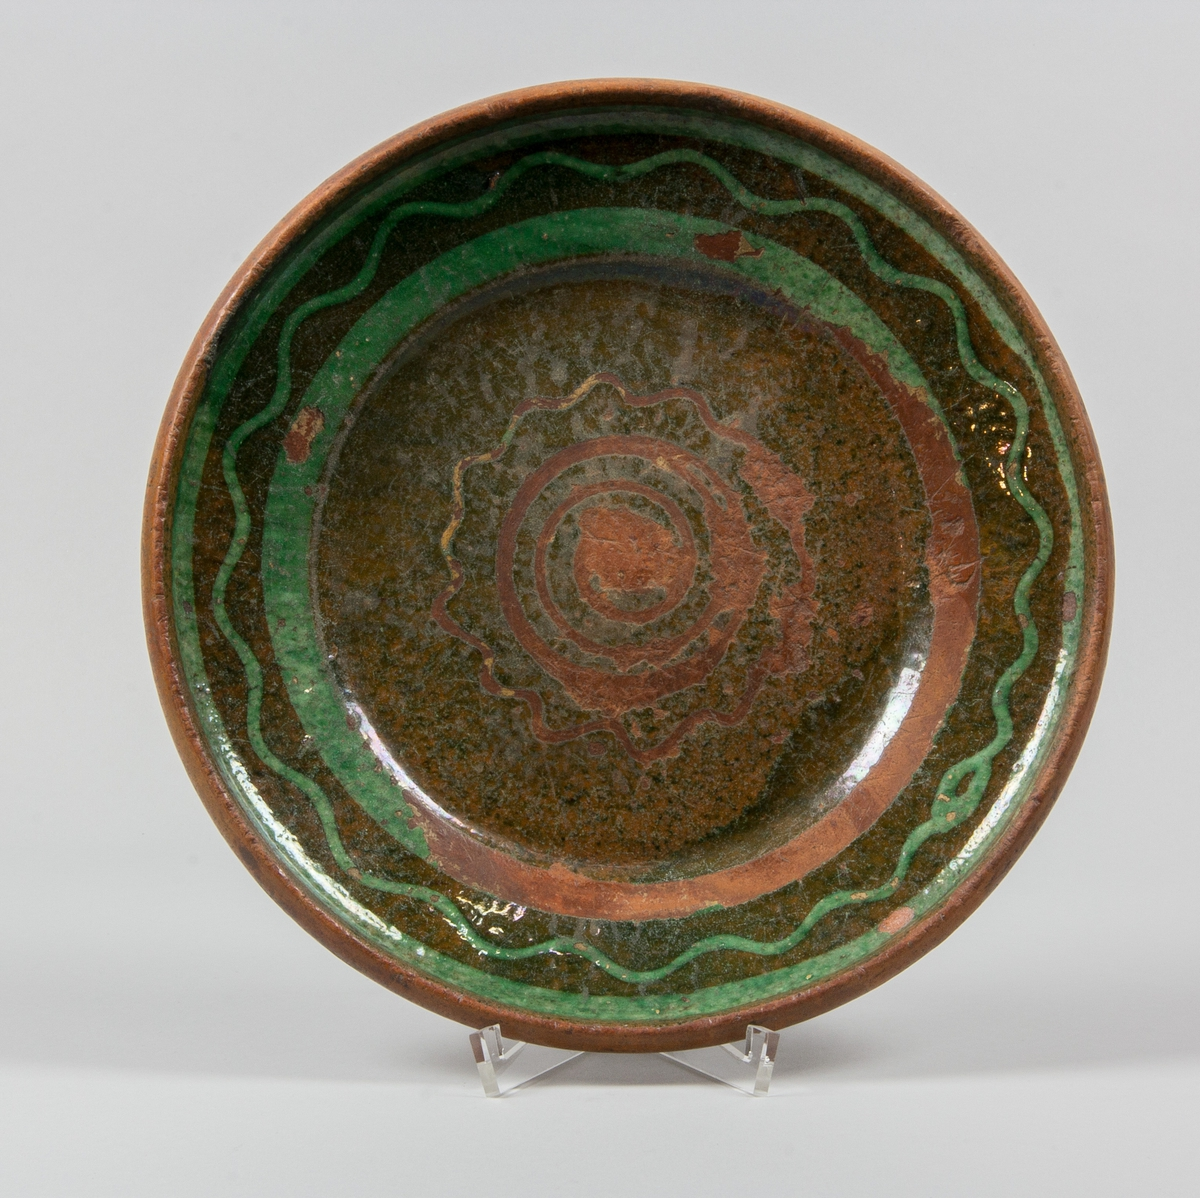 """Fat av blyglaserat lergods. Dekorerat med våglinje mellan två breda bårder i grönt. Gröntonad blyglasyr över ovansidan, undersidan oglaserad. Uppstående brätte, eller brämkant. I spegeln våglinje runt spiral. Stämpel på undersidan: """"Wernamo Johansberg""""."""